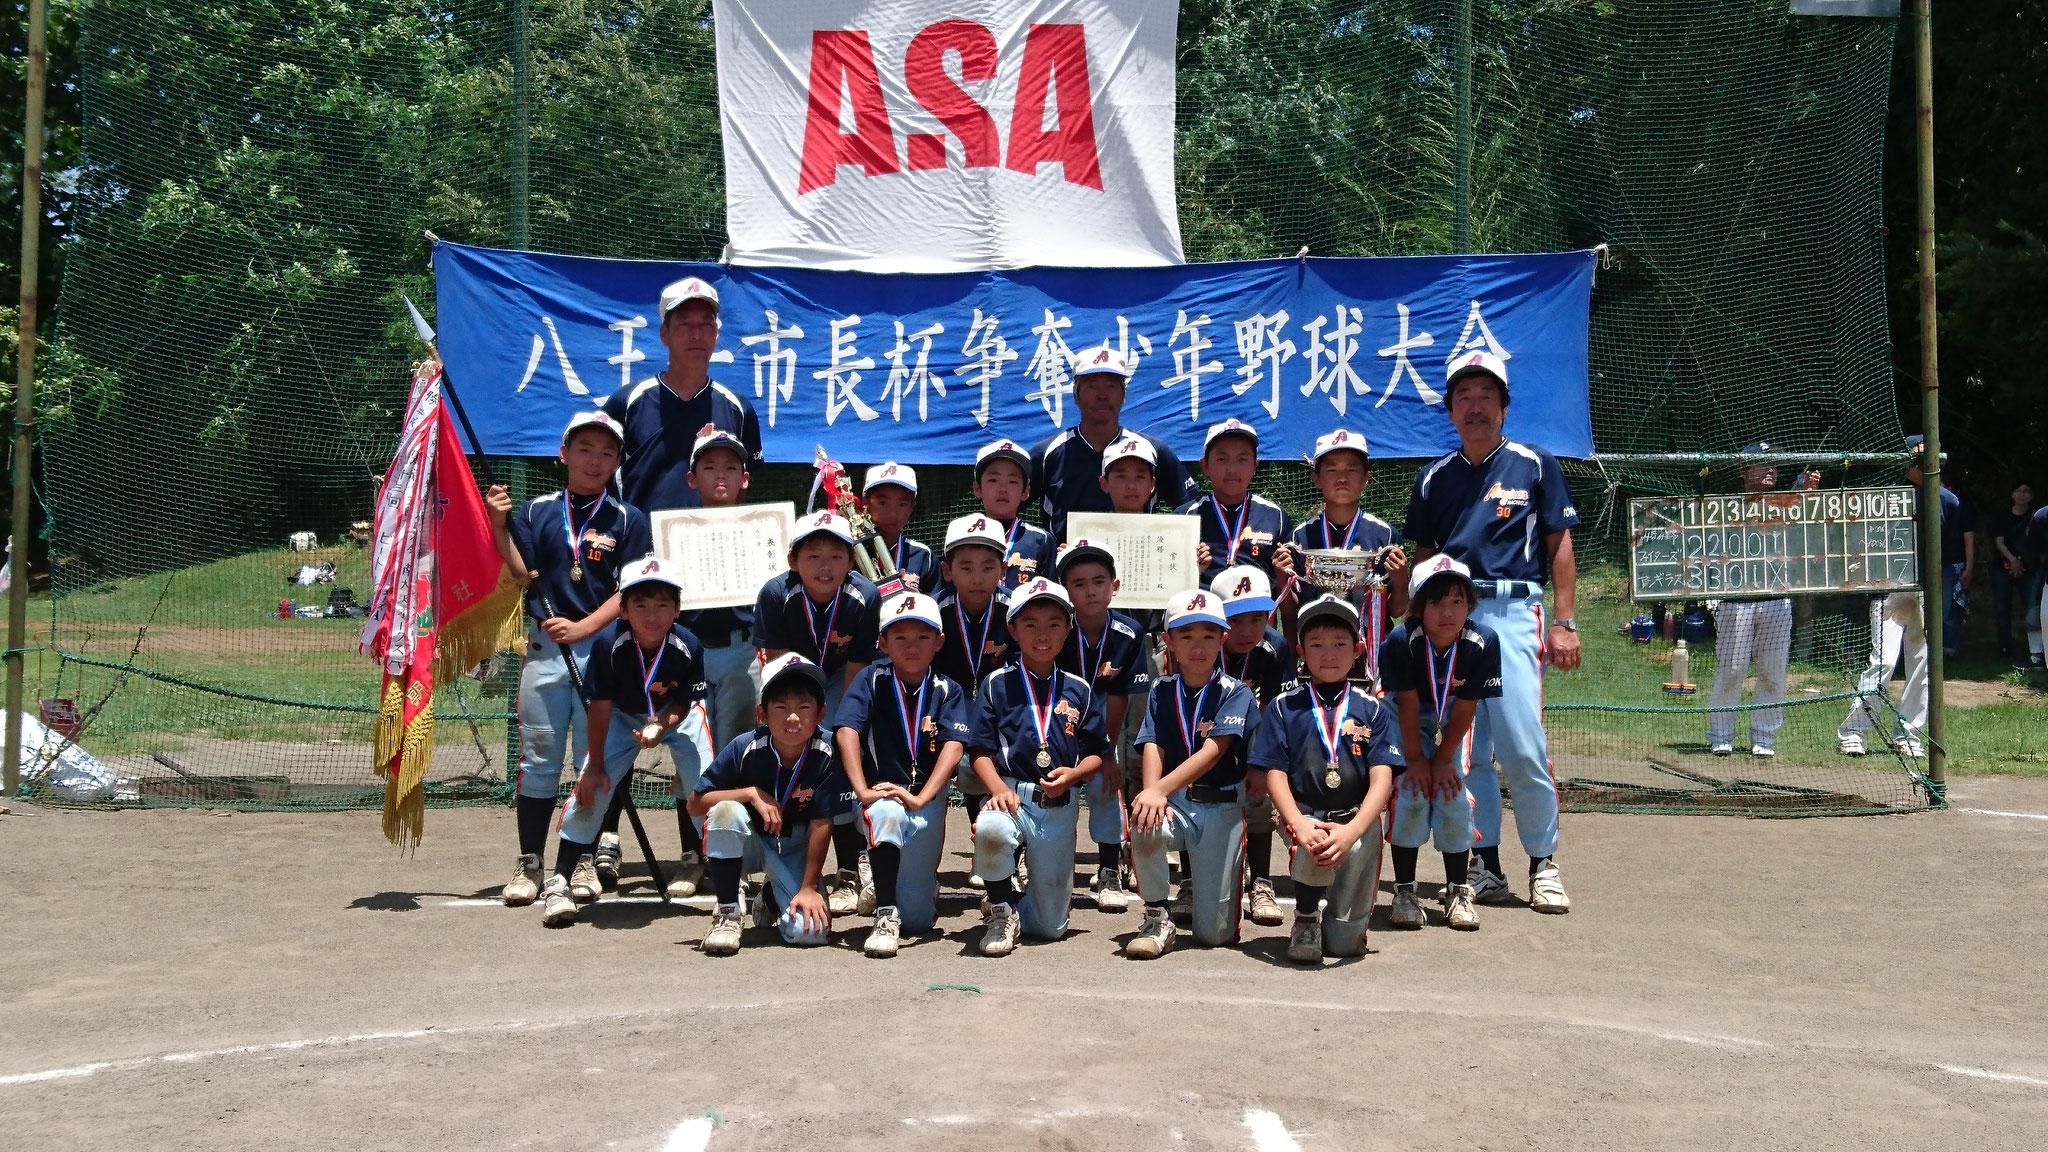 第25回市長杯争奪少年野球大会・優勝  アンギラス 平成30年7月1日